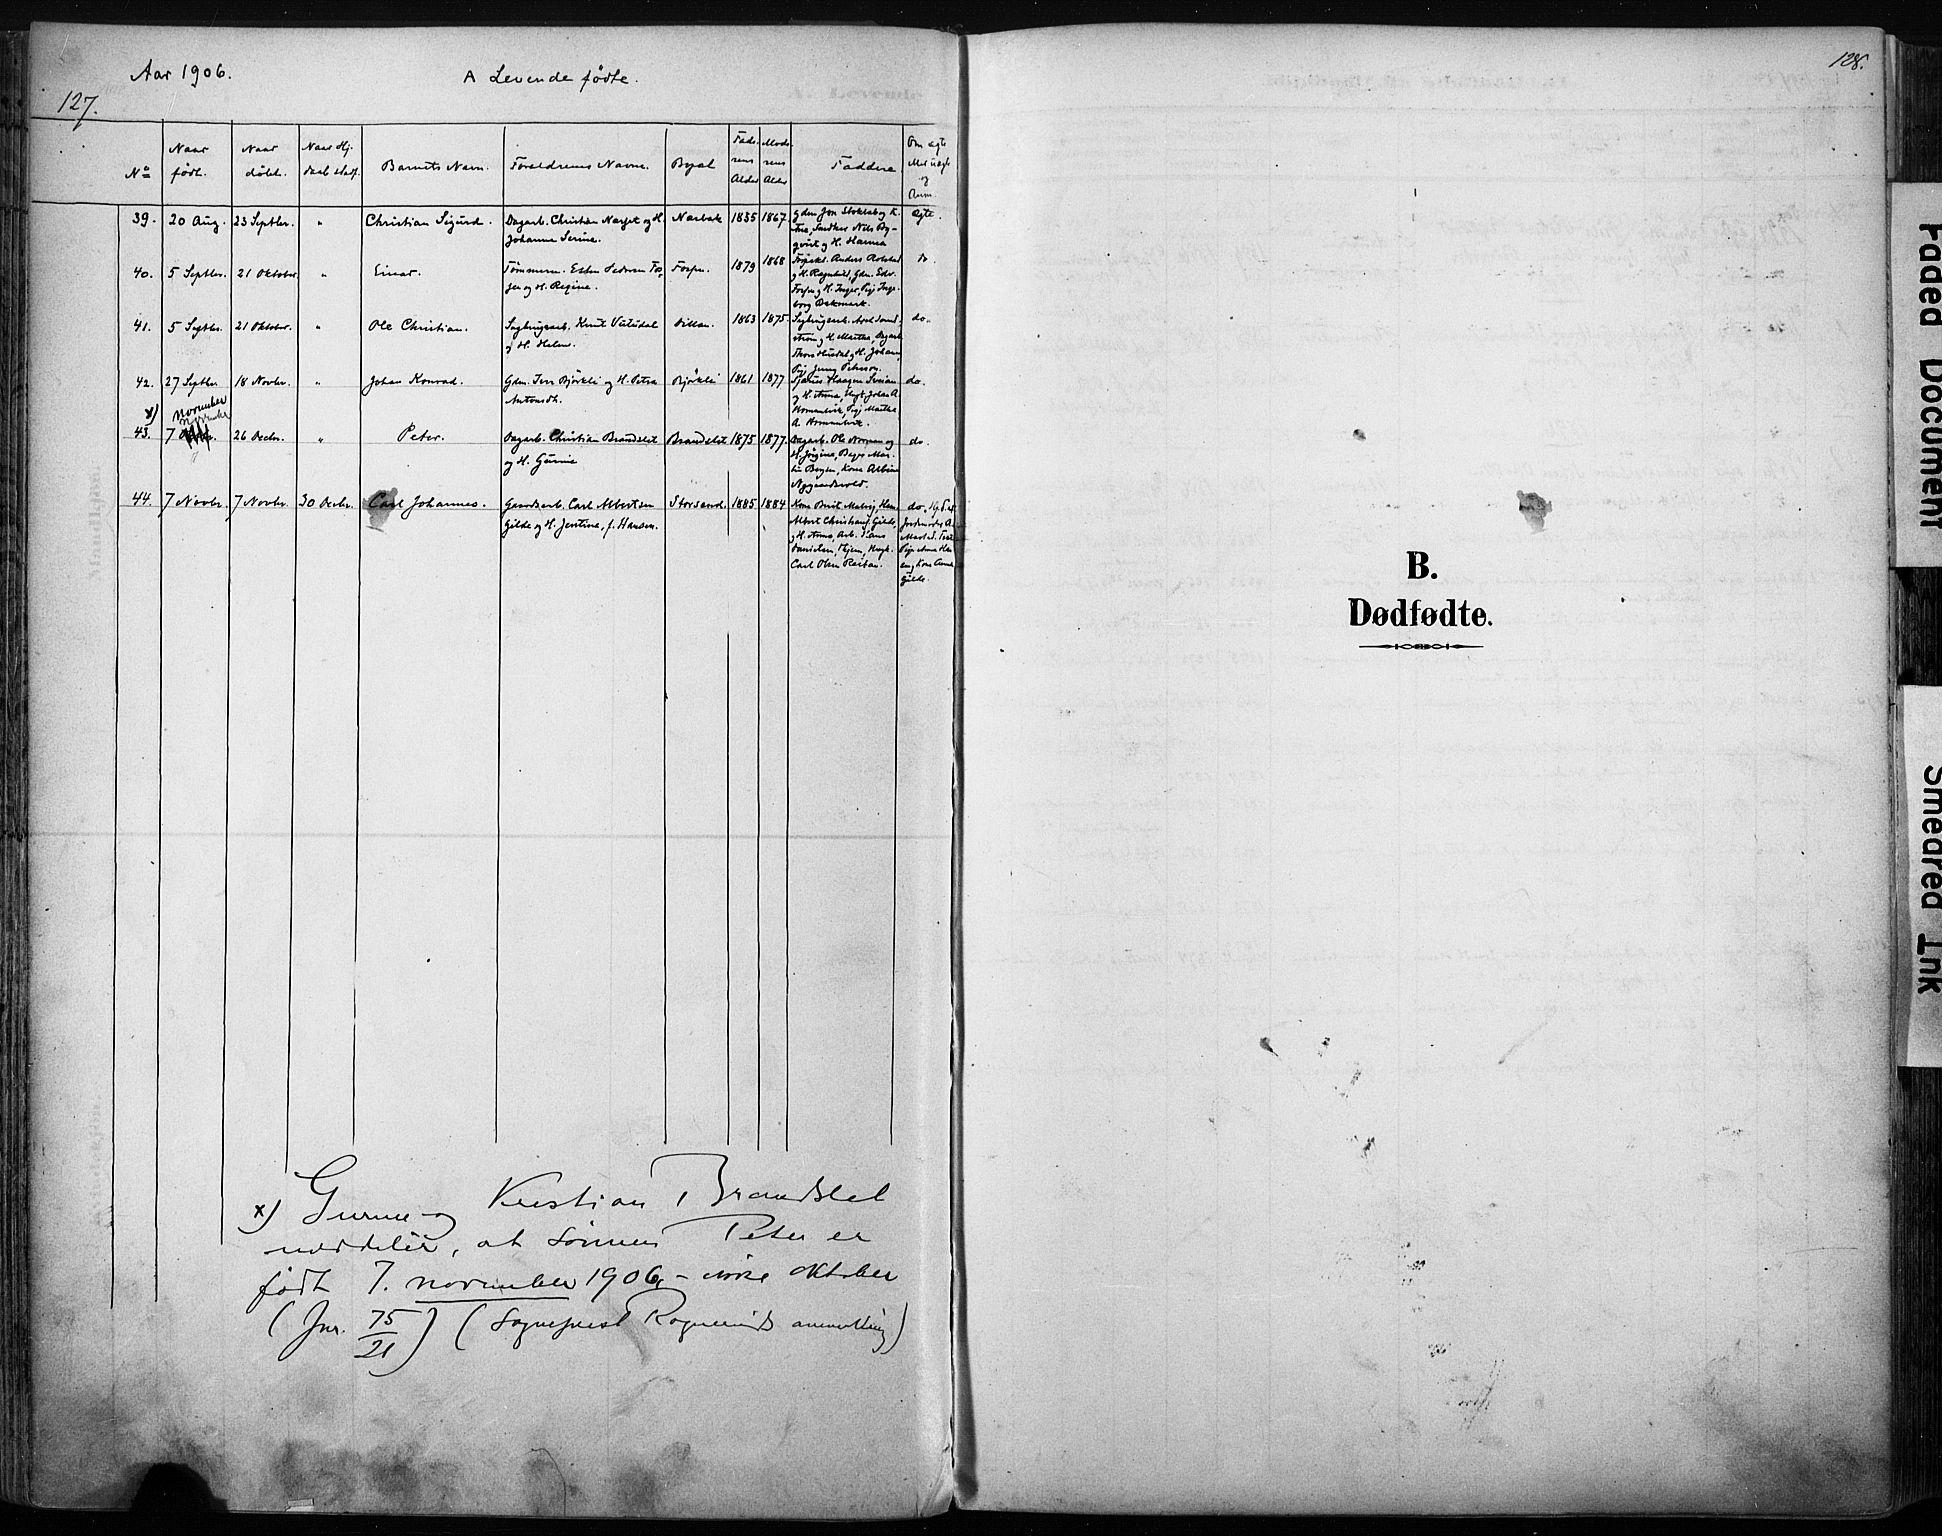 SAT, Ministerialprotokoller, klokkerbøker og fødselsregistre - Sør-Trøndelag, 616/L0411: Ministerialbok nr. 616A08, 1894-1906, s. 127-128